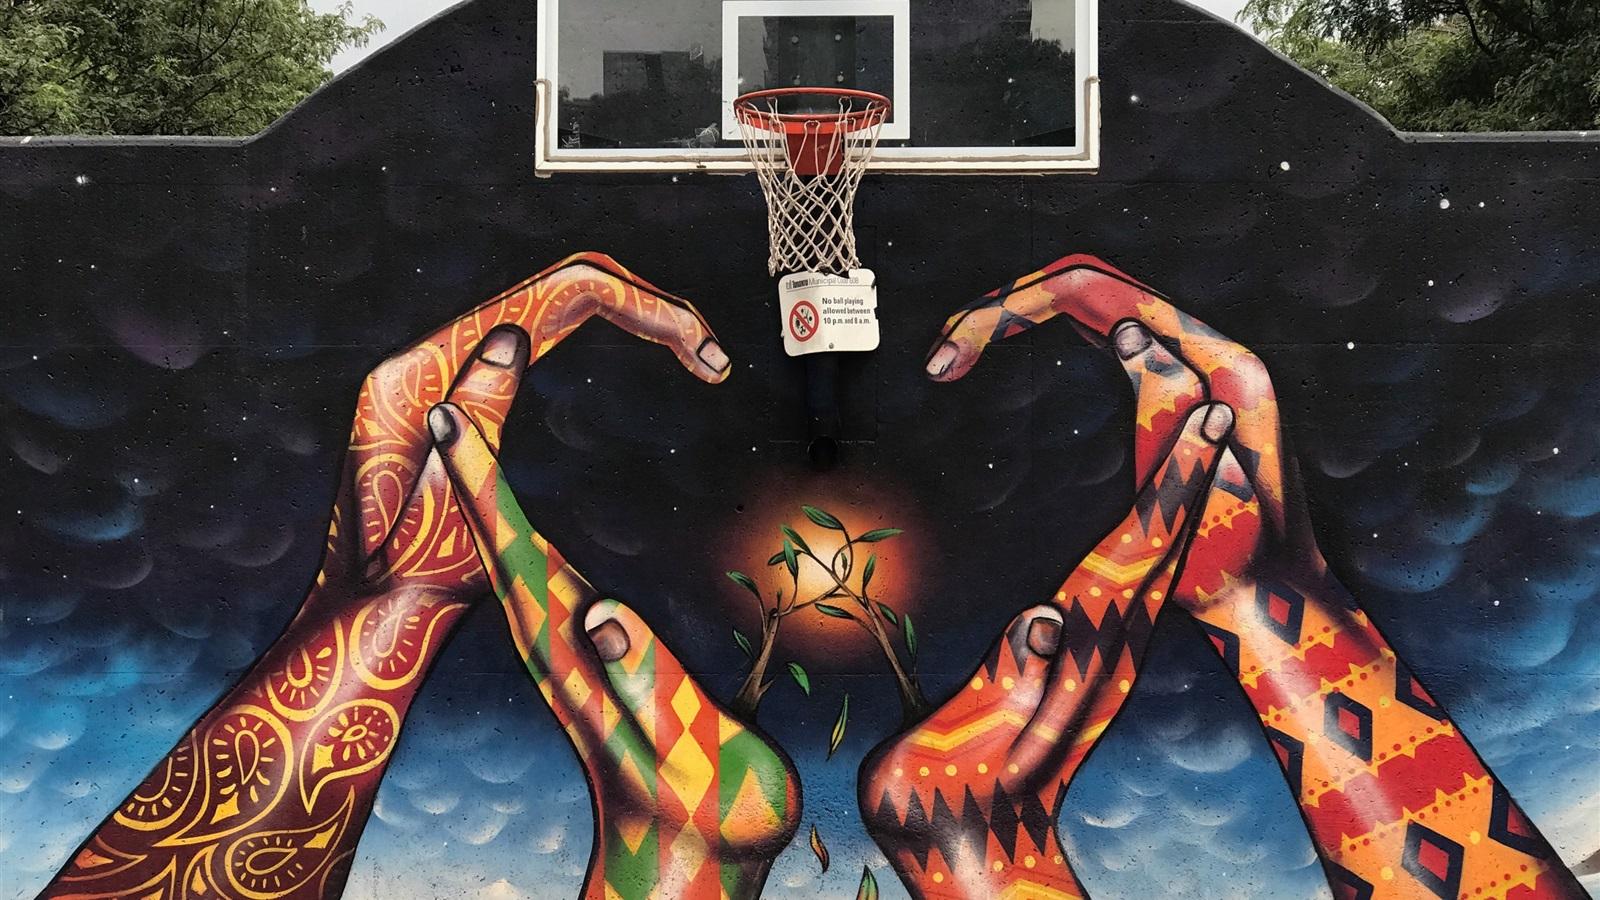 Wallpaper Graffiti, Hands, Basketball Net, Creative